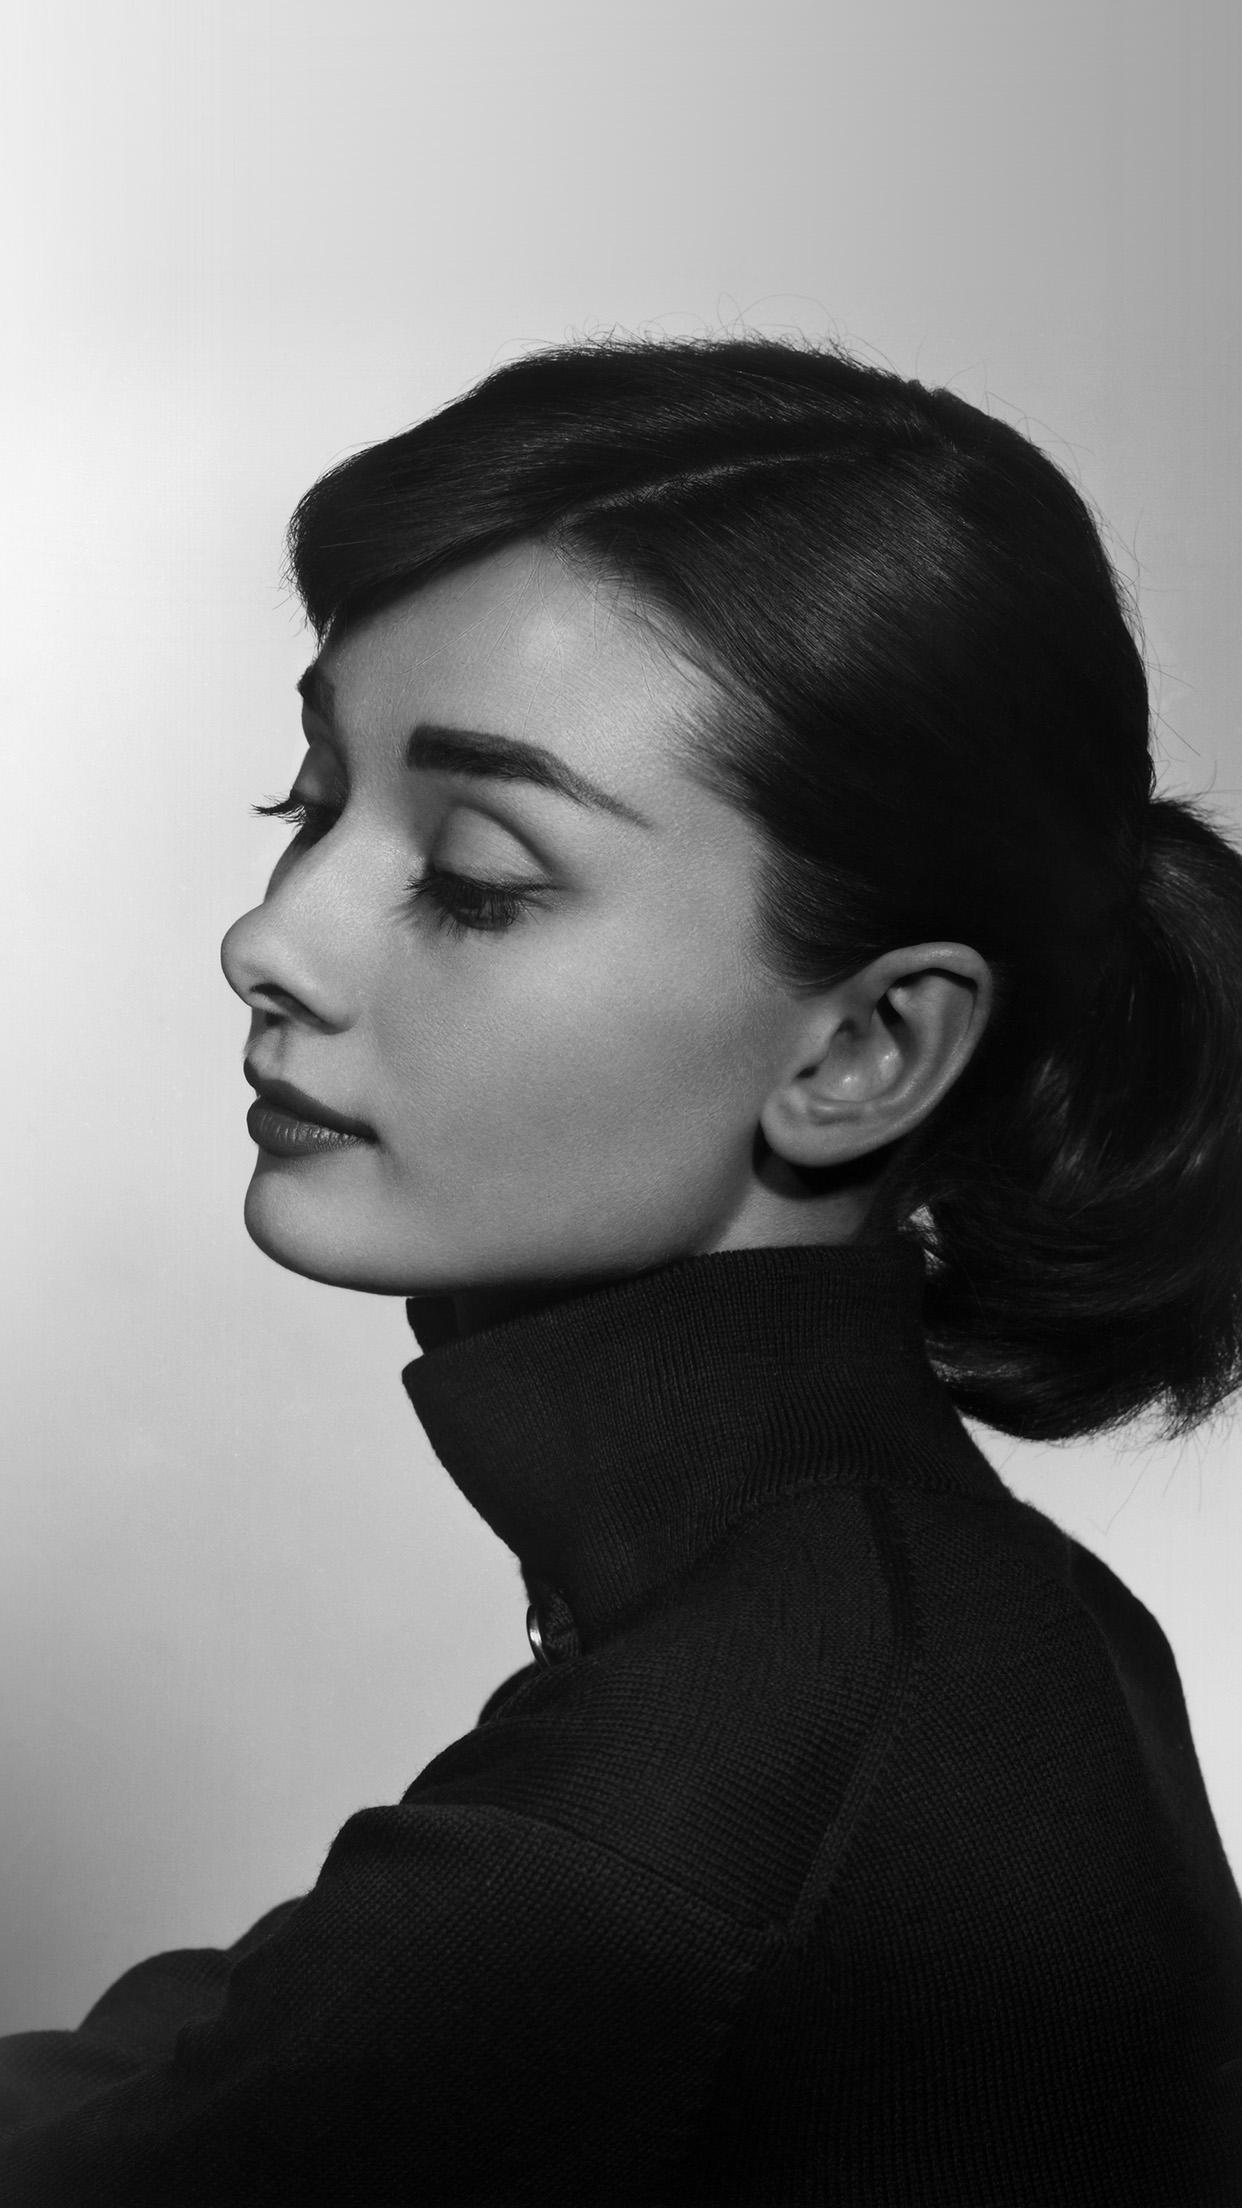 Iphone7paperscom Iphone7 Wallpaper Hn97 Audrey Hepburn